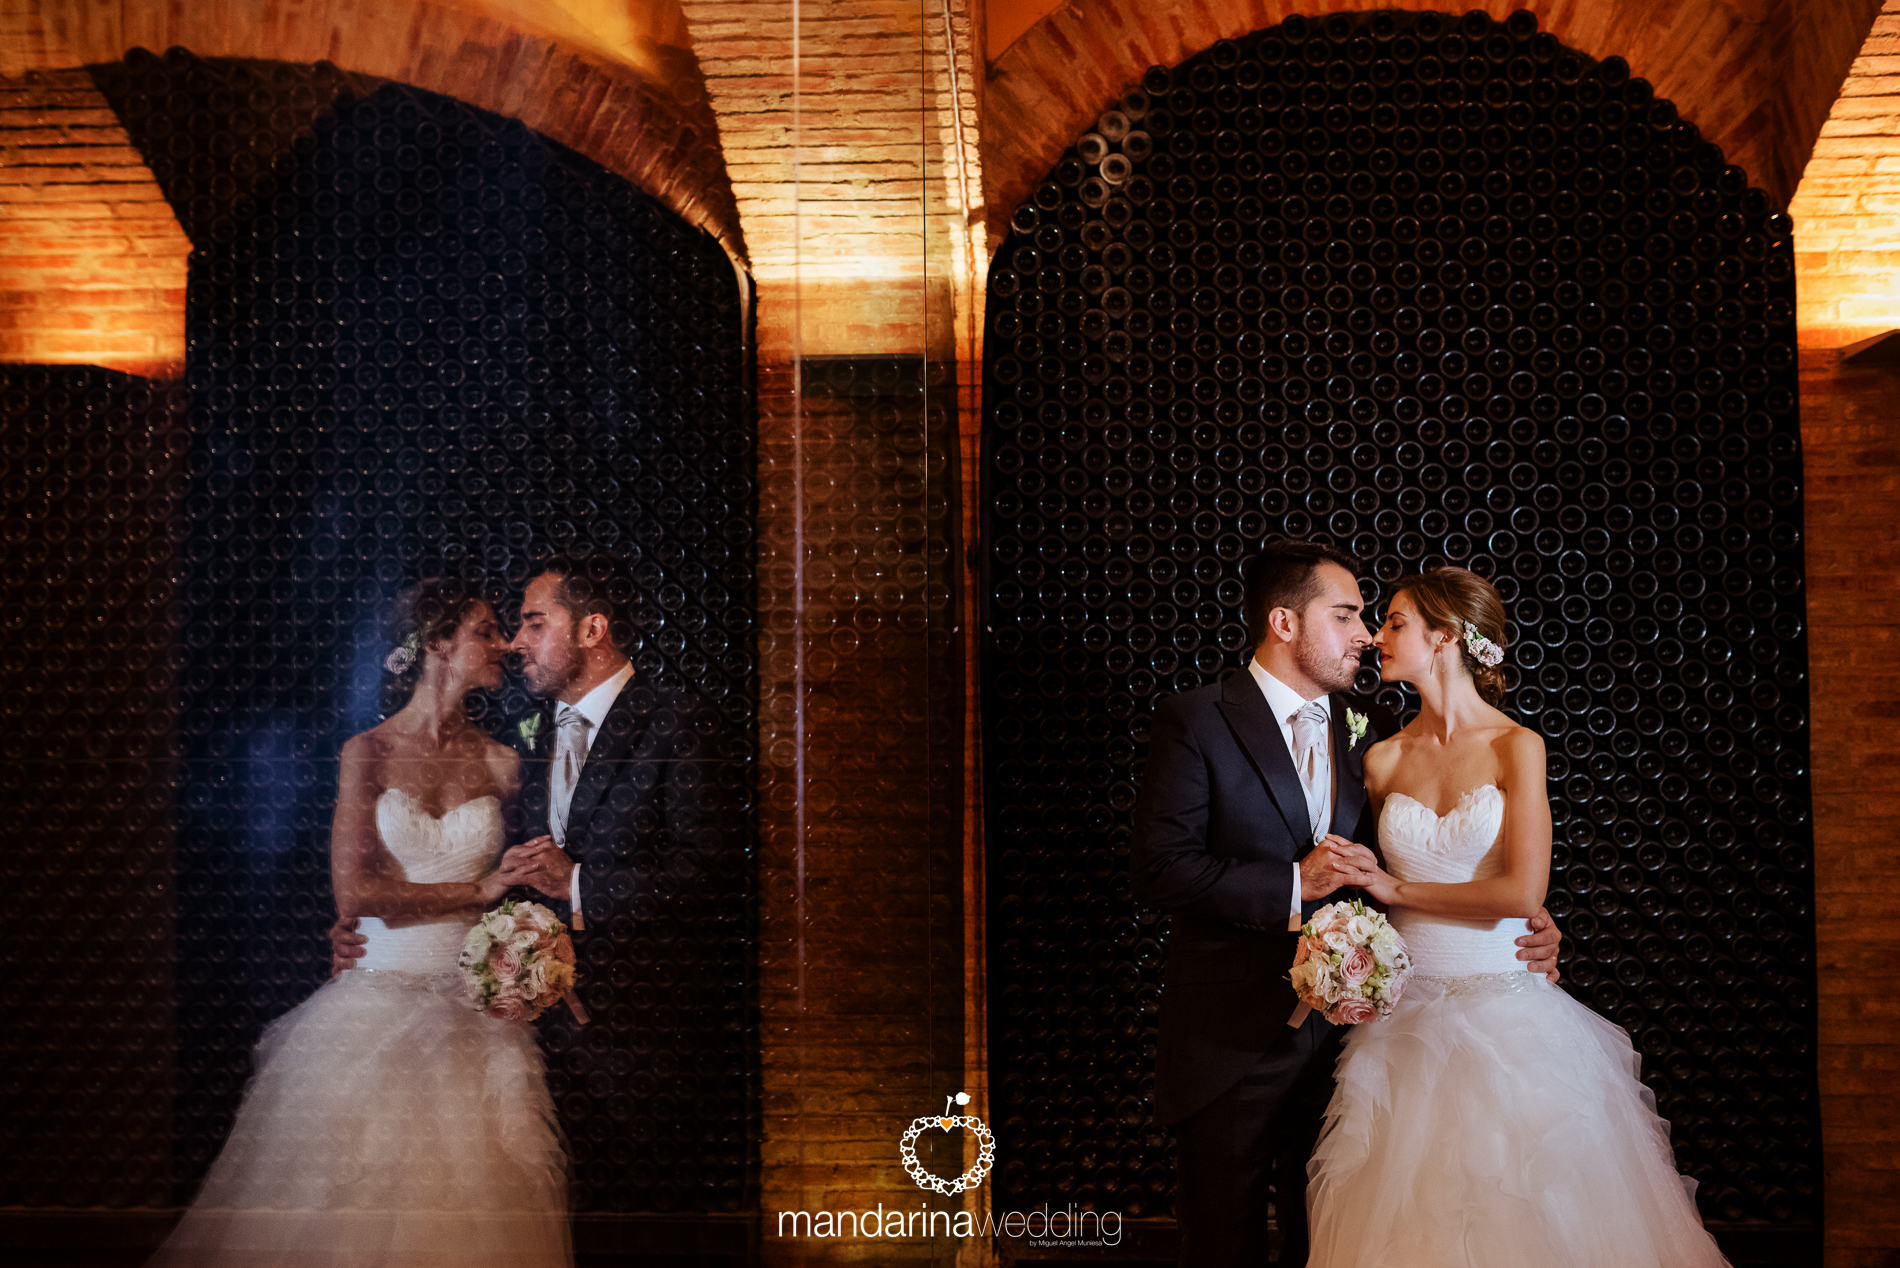 mandarina wedding_27